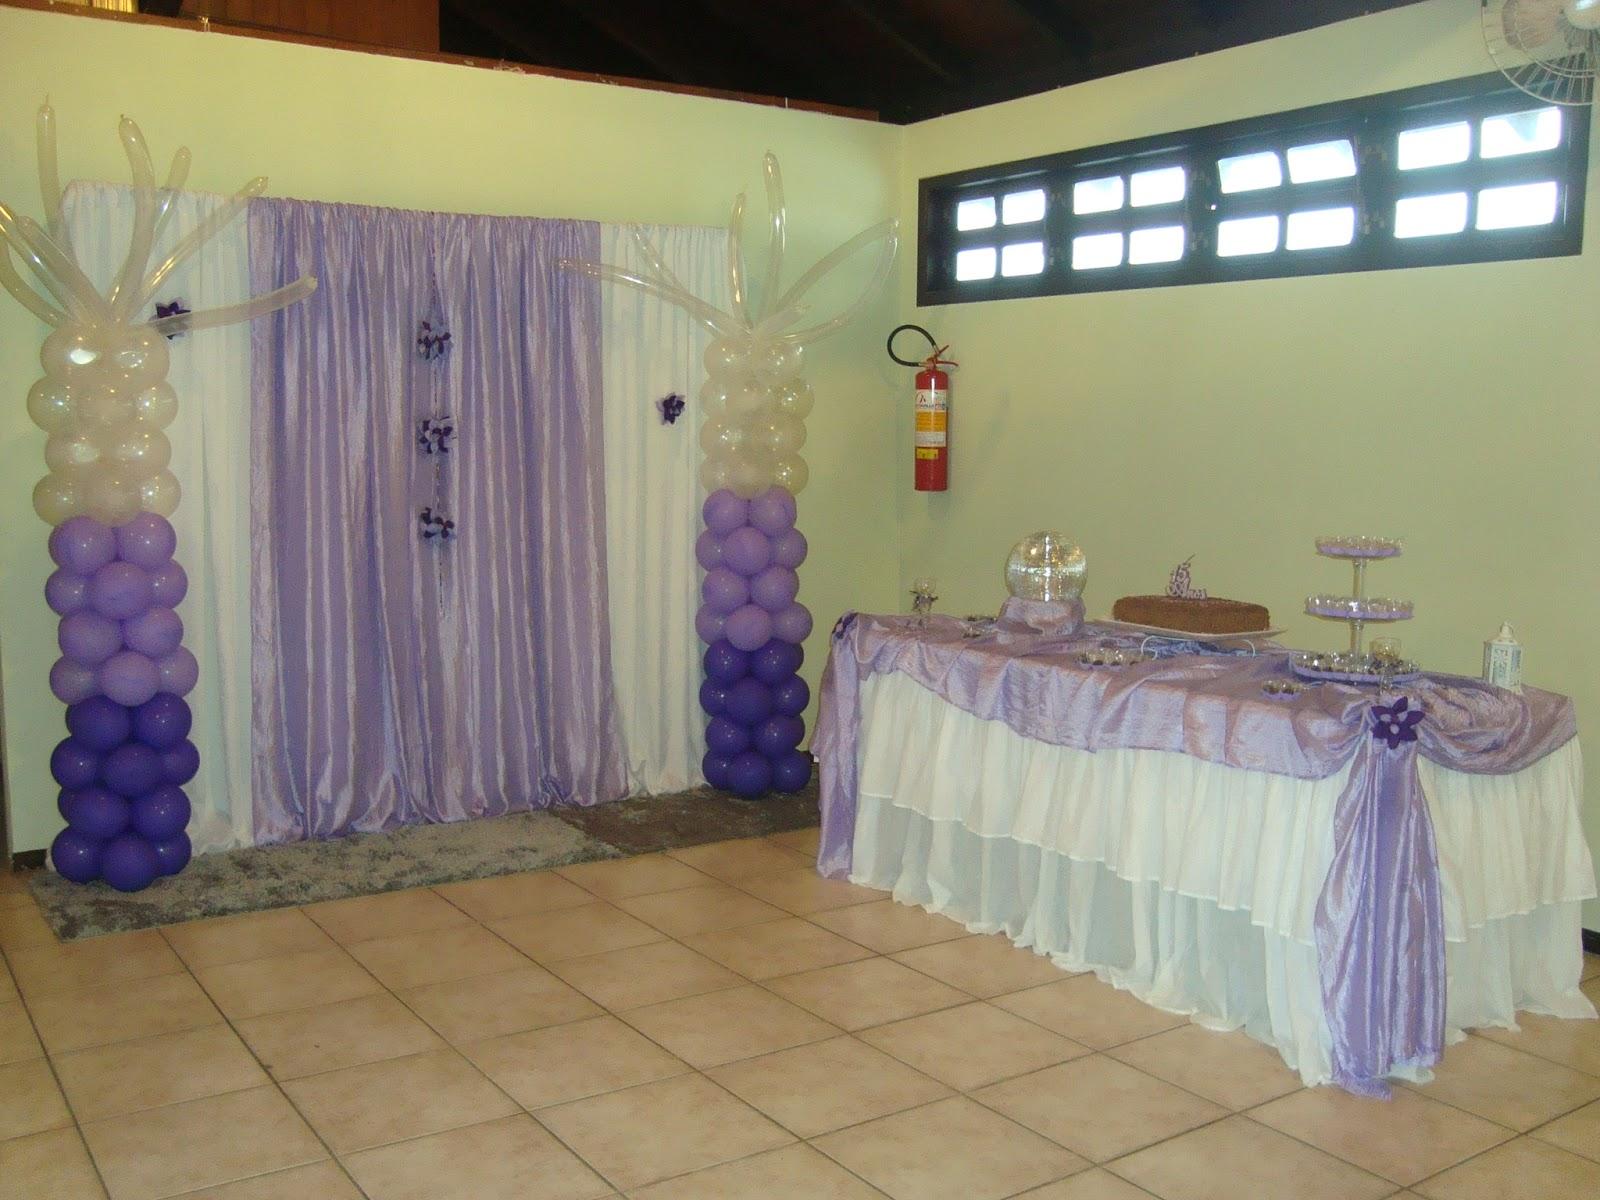 KaDe Festas: Decoração para festa de 15 anos Lilás e Branco #633D25 1600x1200 Banheiro Branco E Lilas